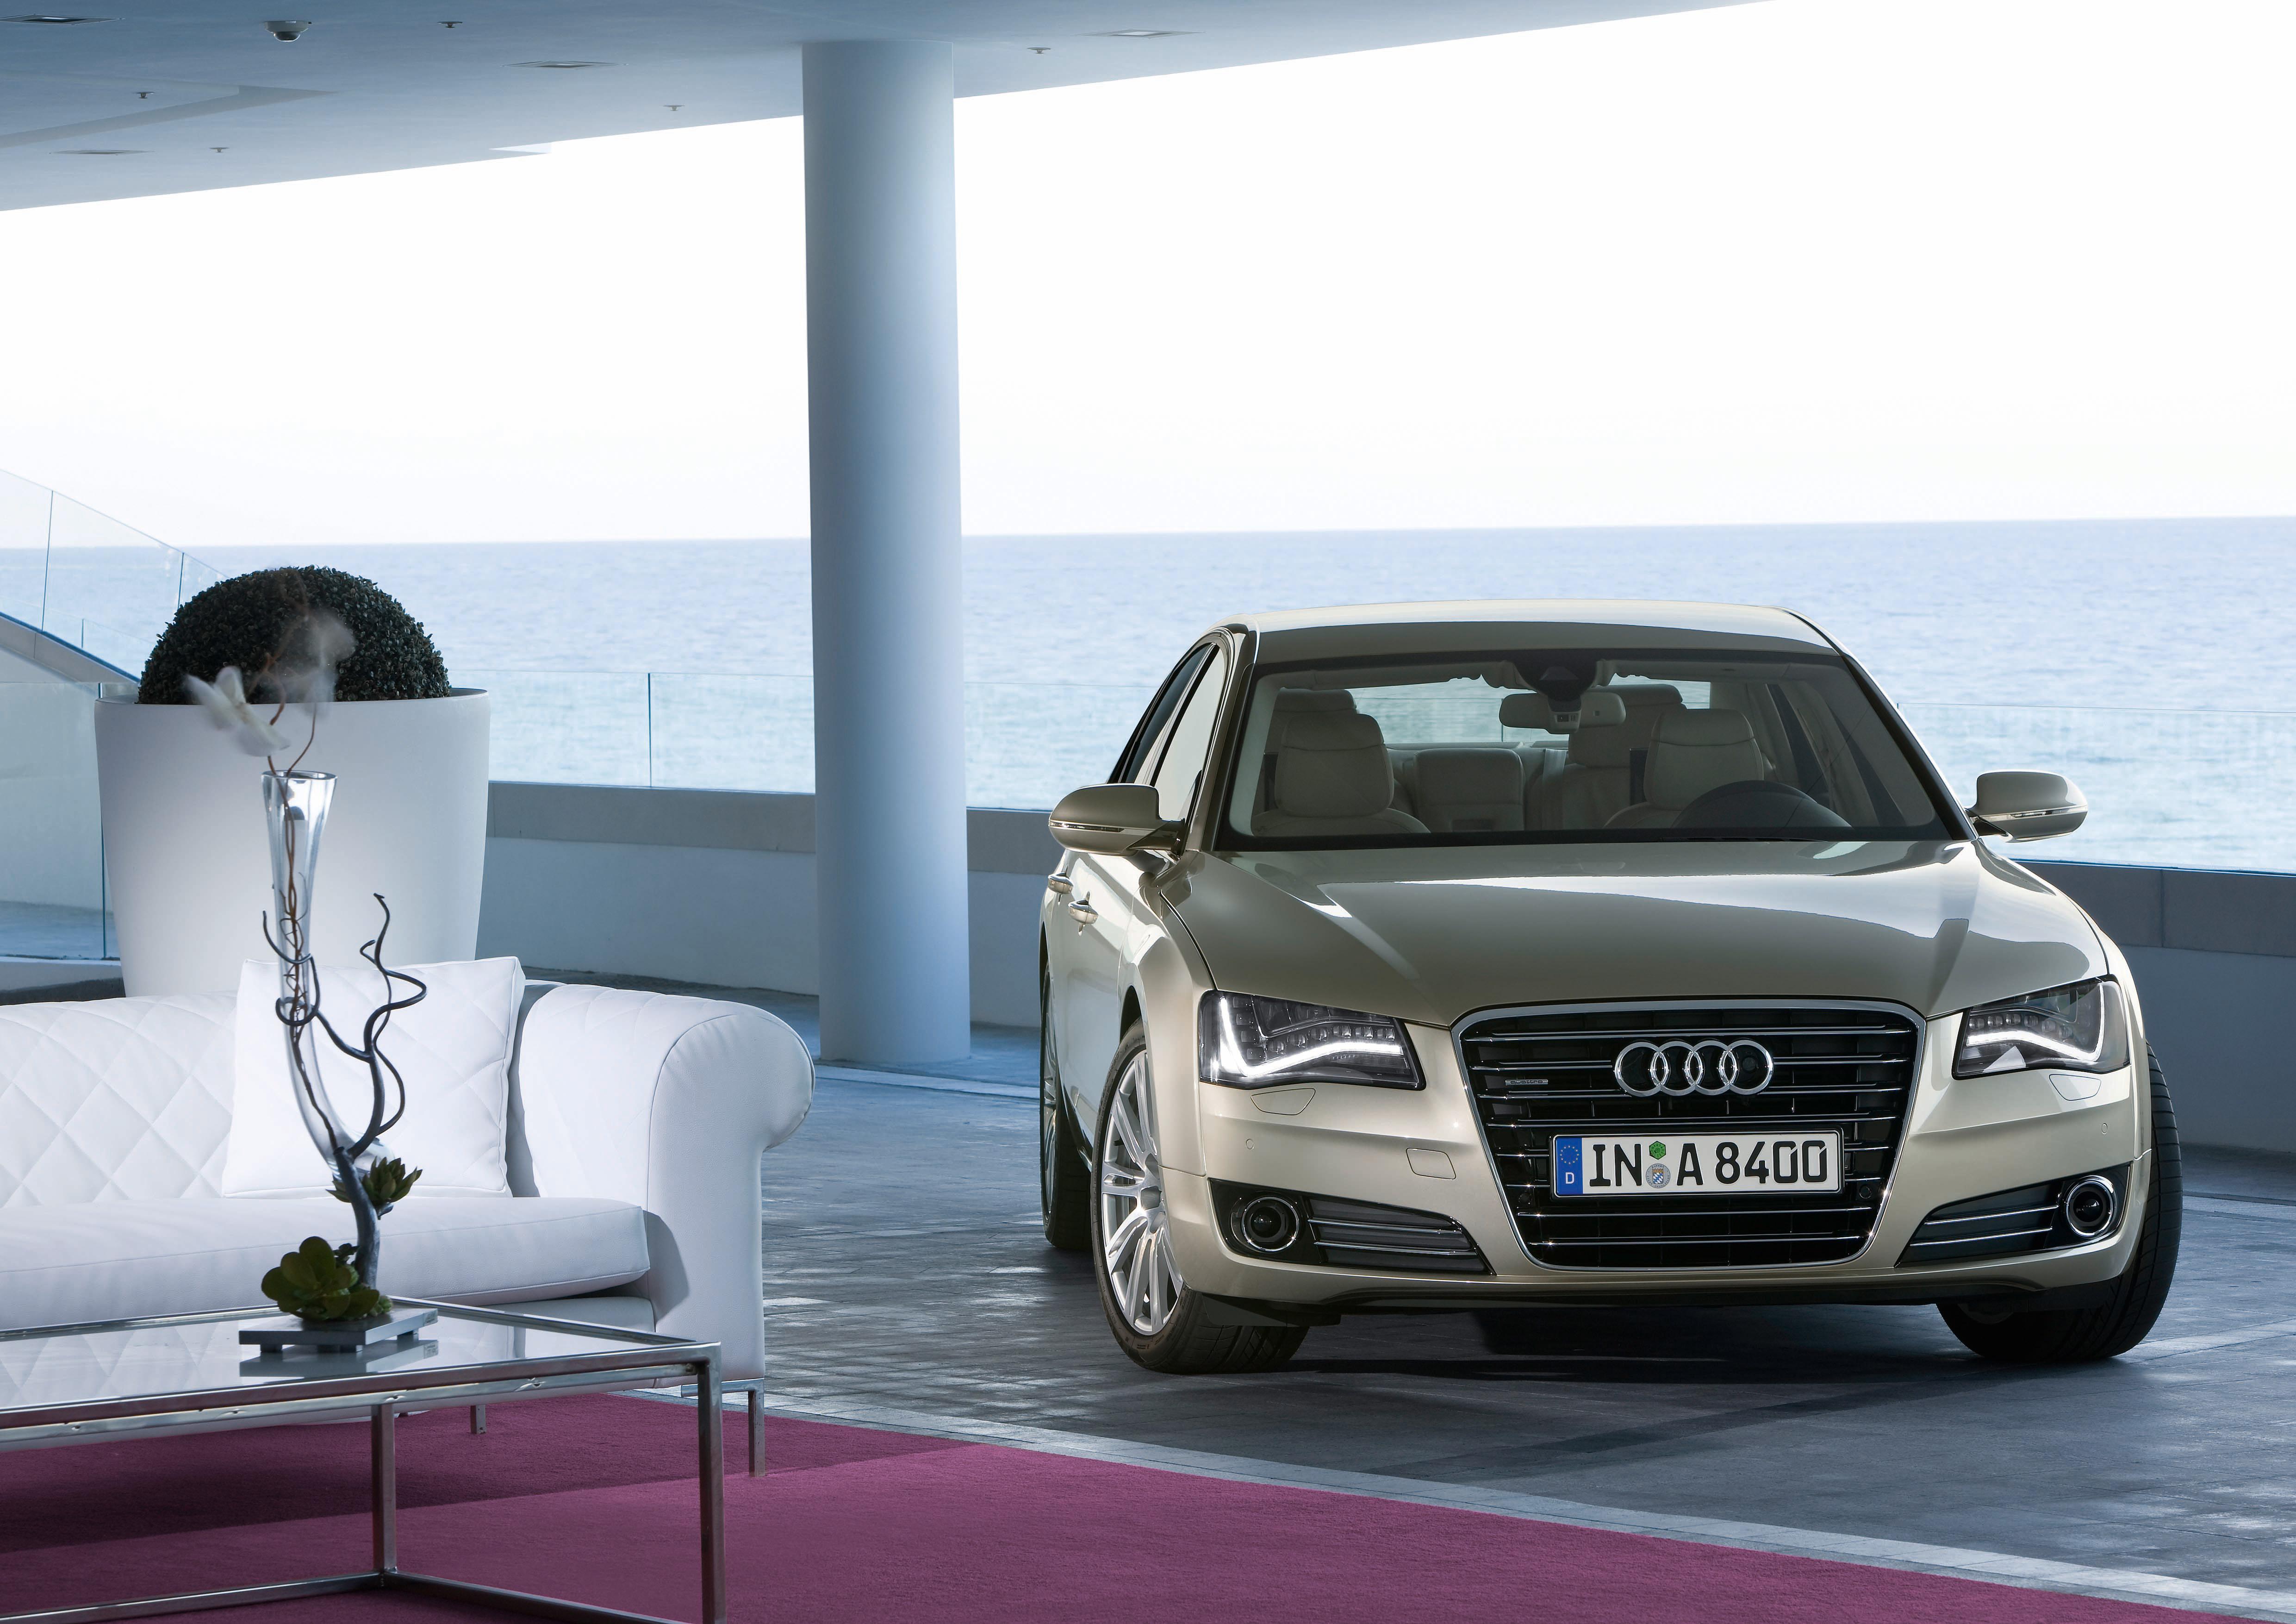 Audi A8 4.2 FSI quattro/Standaufnahme